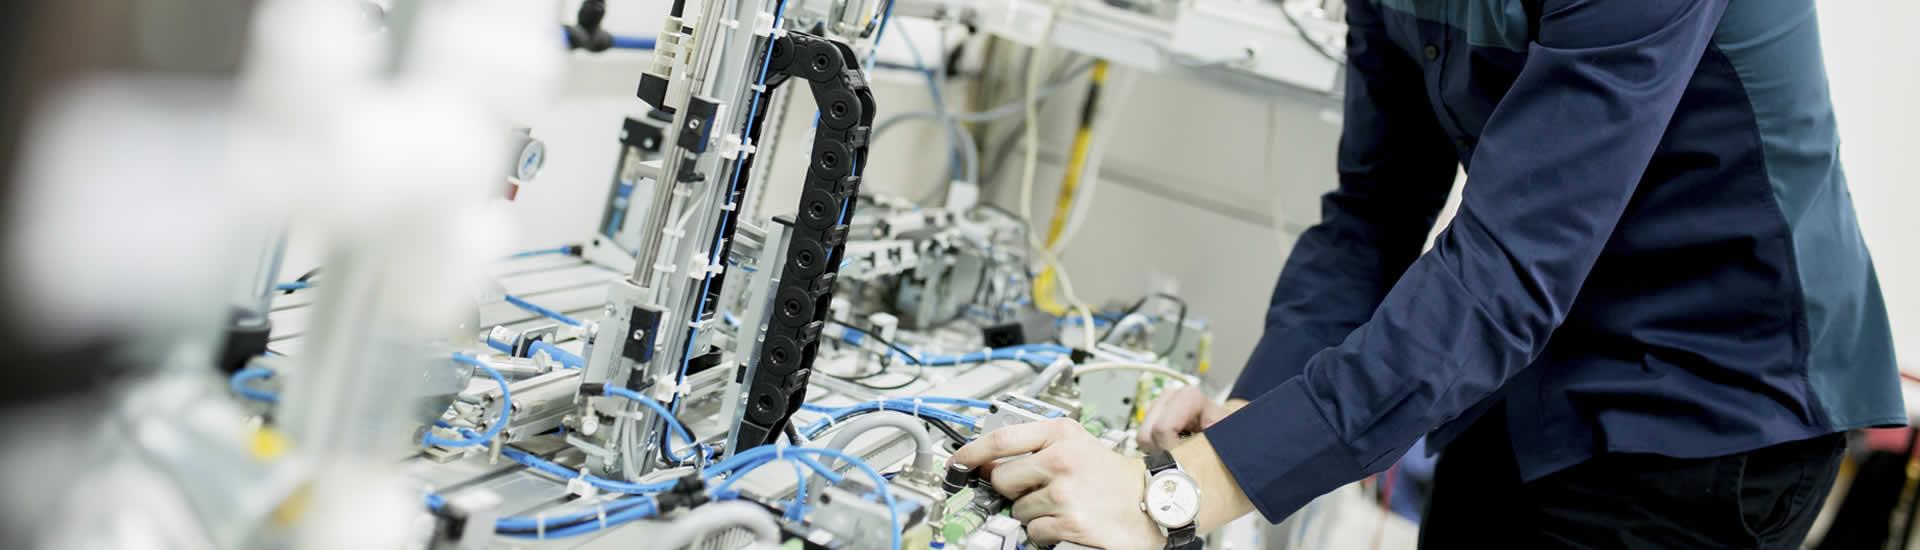 Branche Maschinenbau, Ingenieur